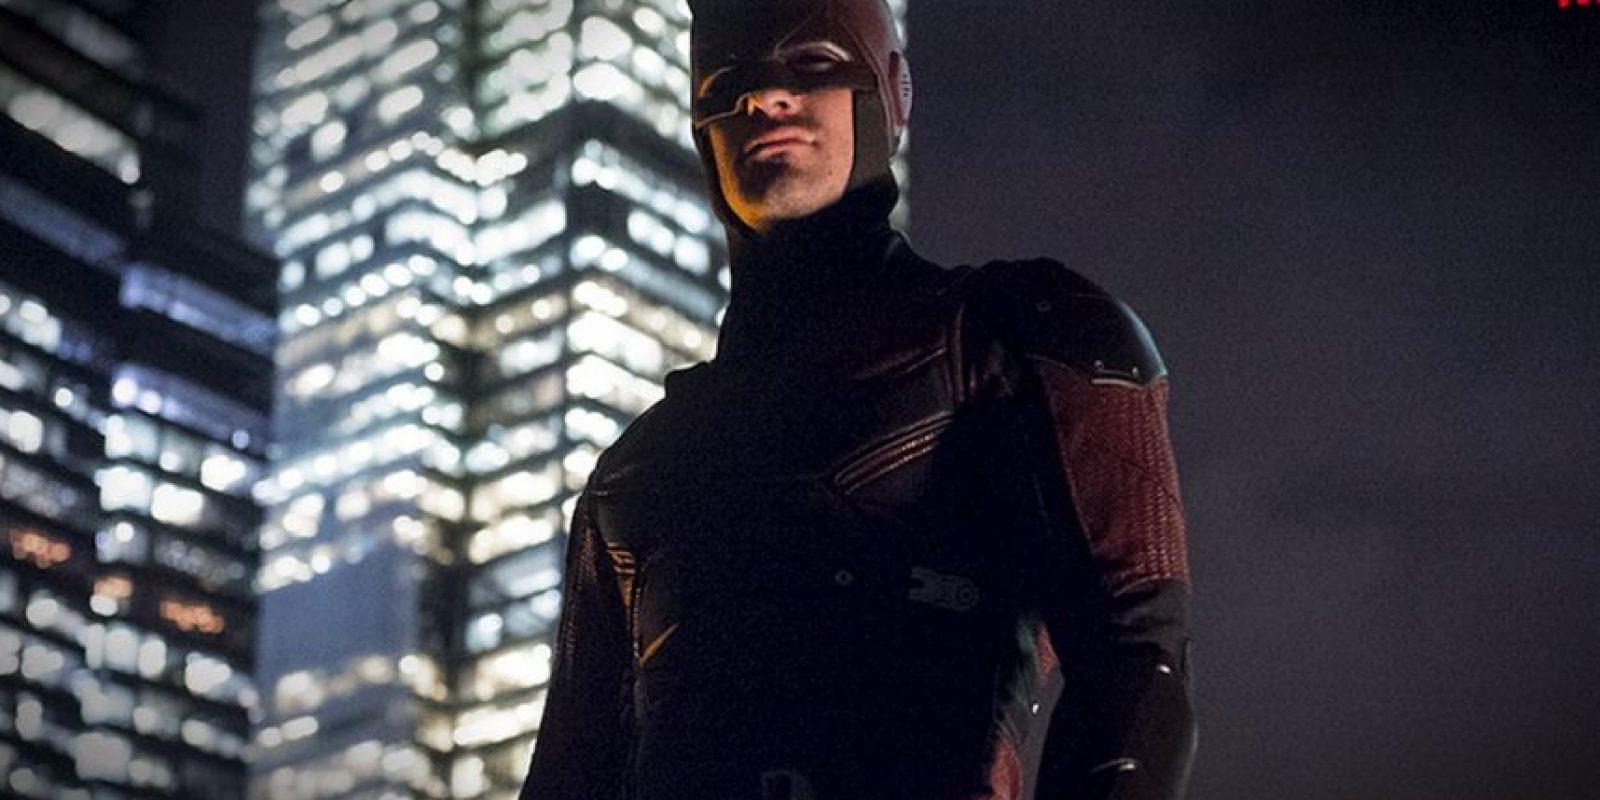 Uno de ellos es Daredevil. La serie ya está disponible y es considerada como un homenaje al personaje y un producto de culto Foto:Drew Goddard